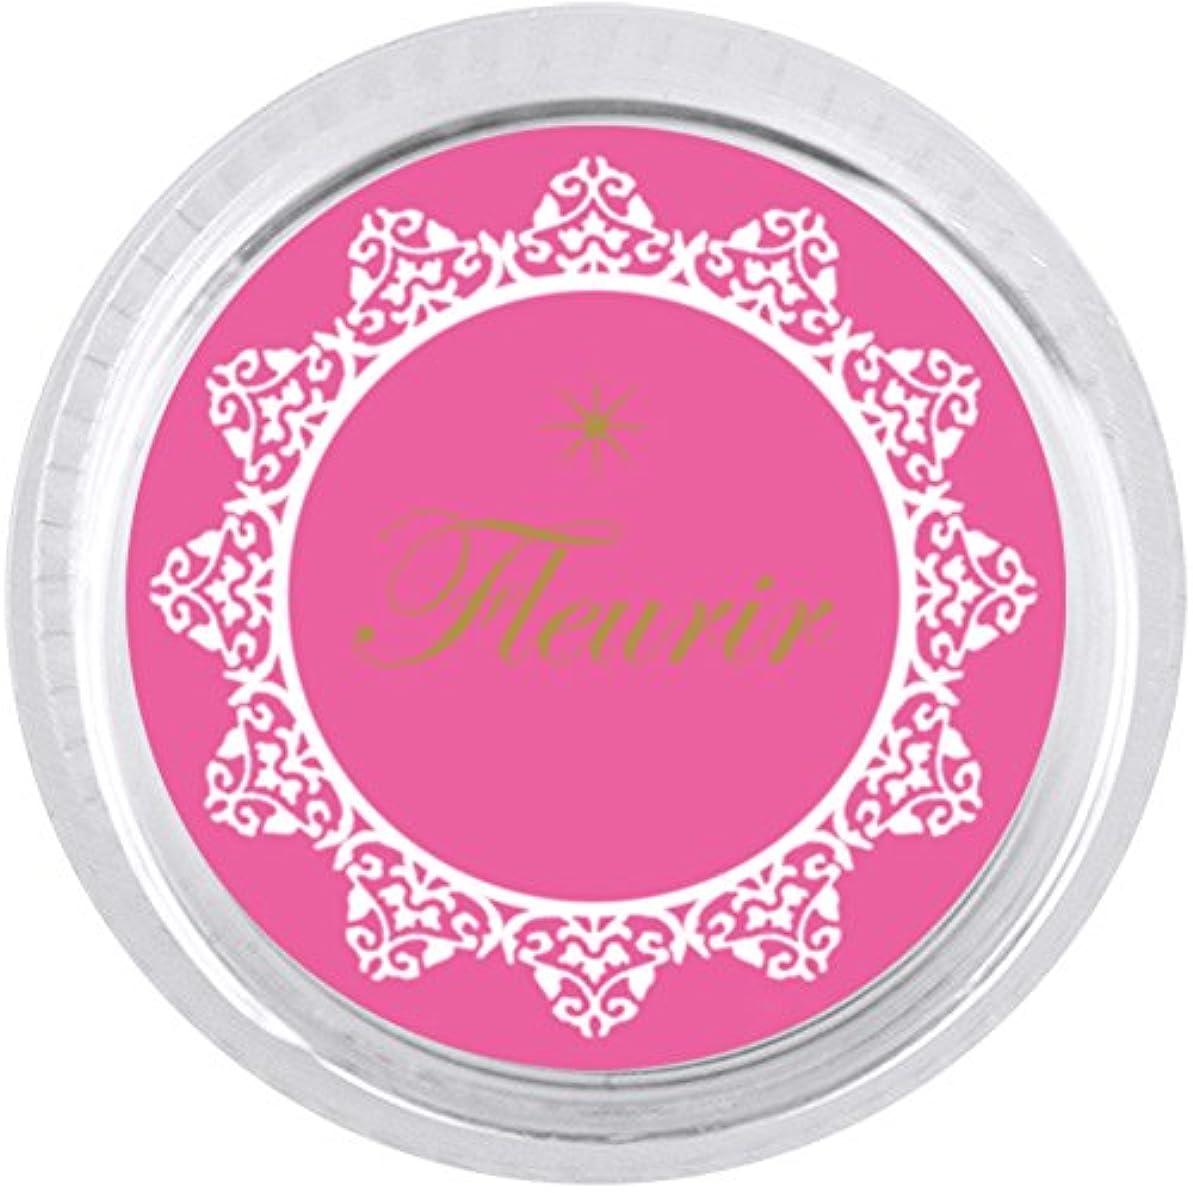 量で花輪ブレスカラーパウダー ピンク